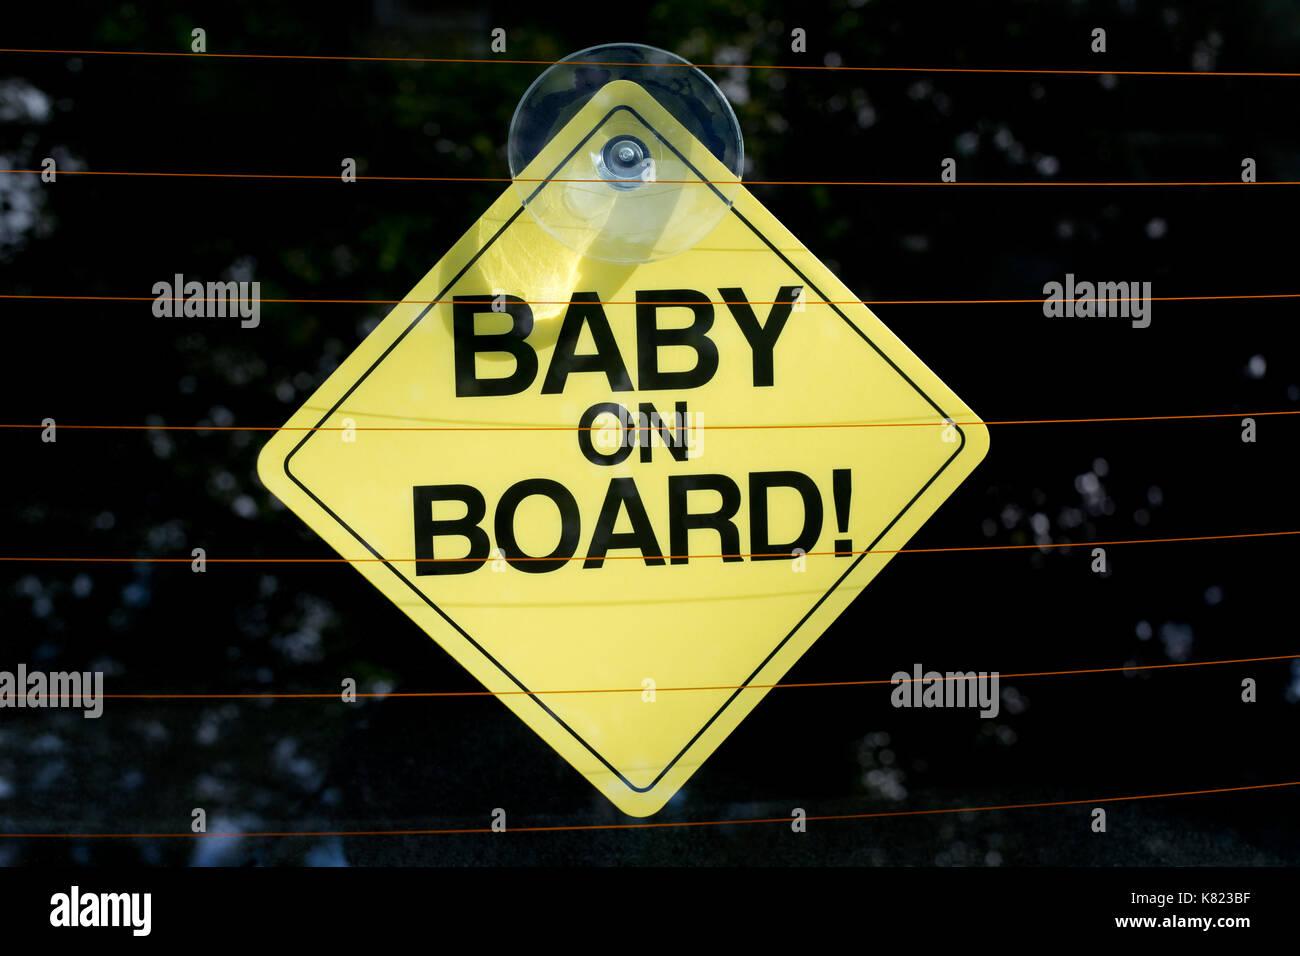 Un signe d'une balle dans la fenêtre arrière d'une voiture indique qu'il n'est un bébé à bord du véhicule. Photo Stock